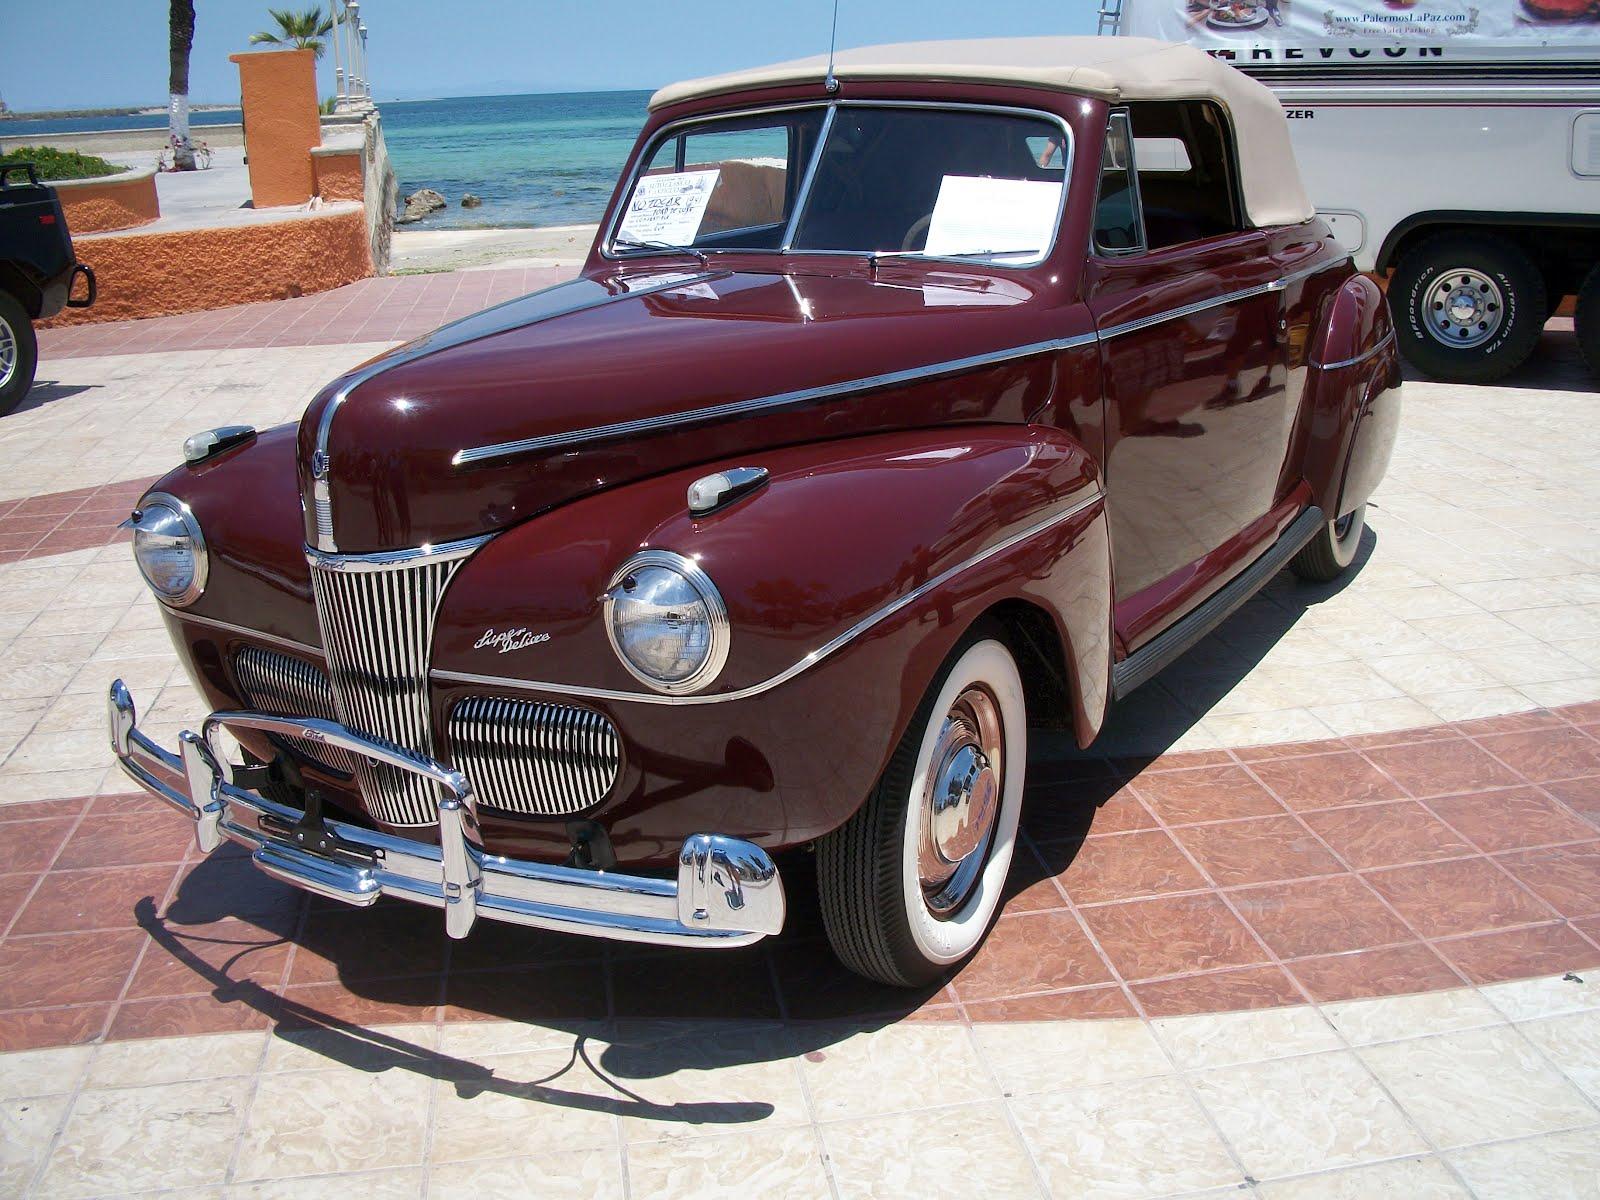 50 wallpapers de autos clásicos HD!